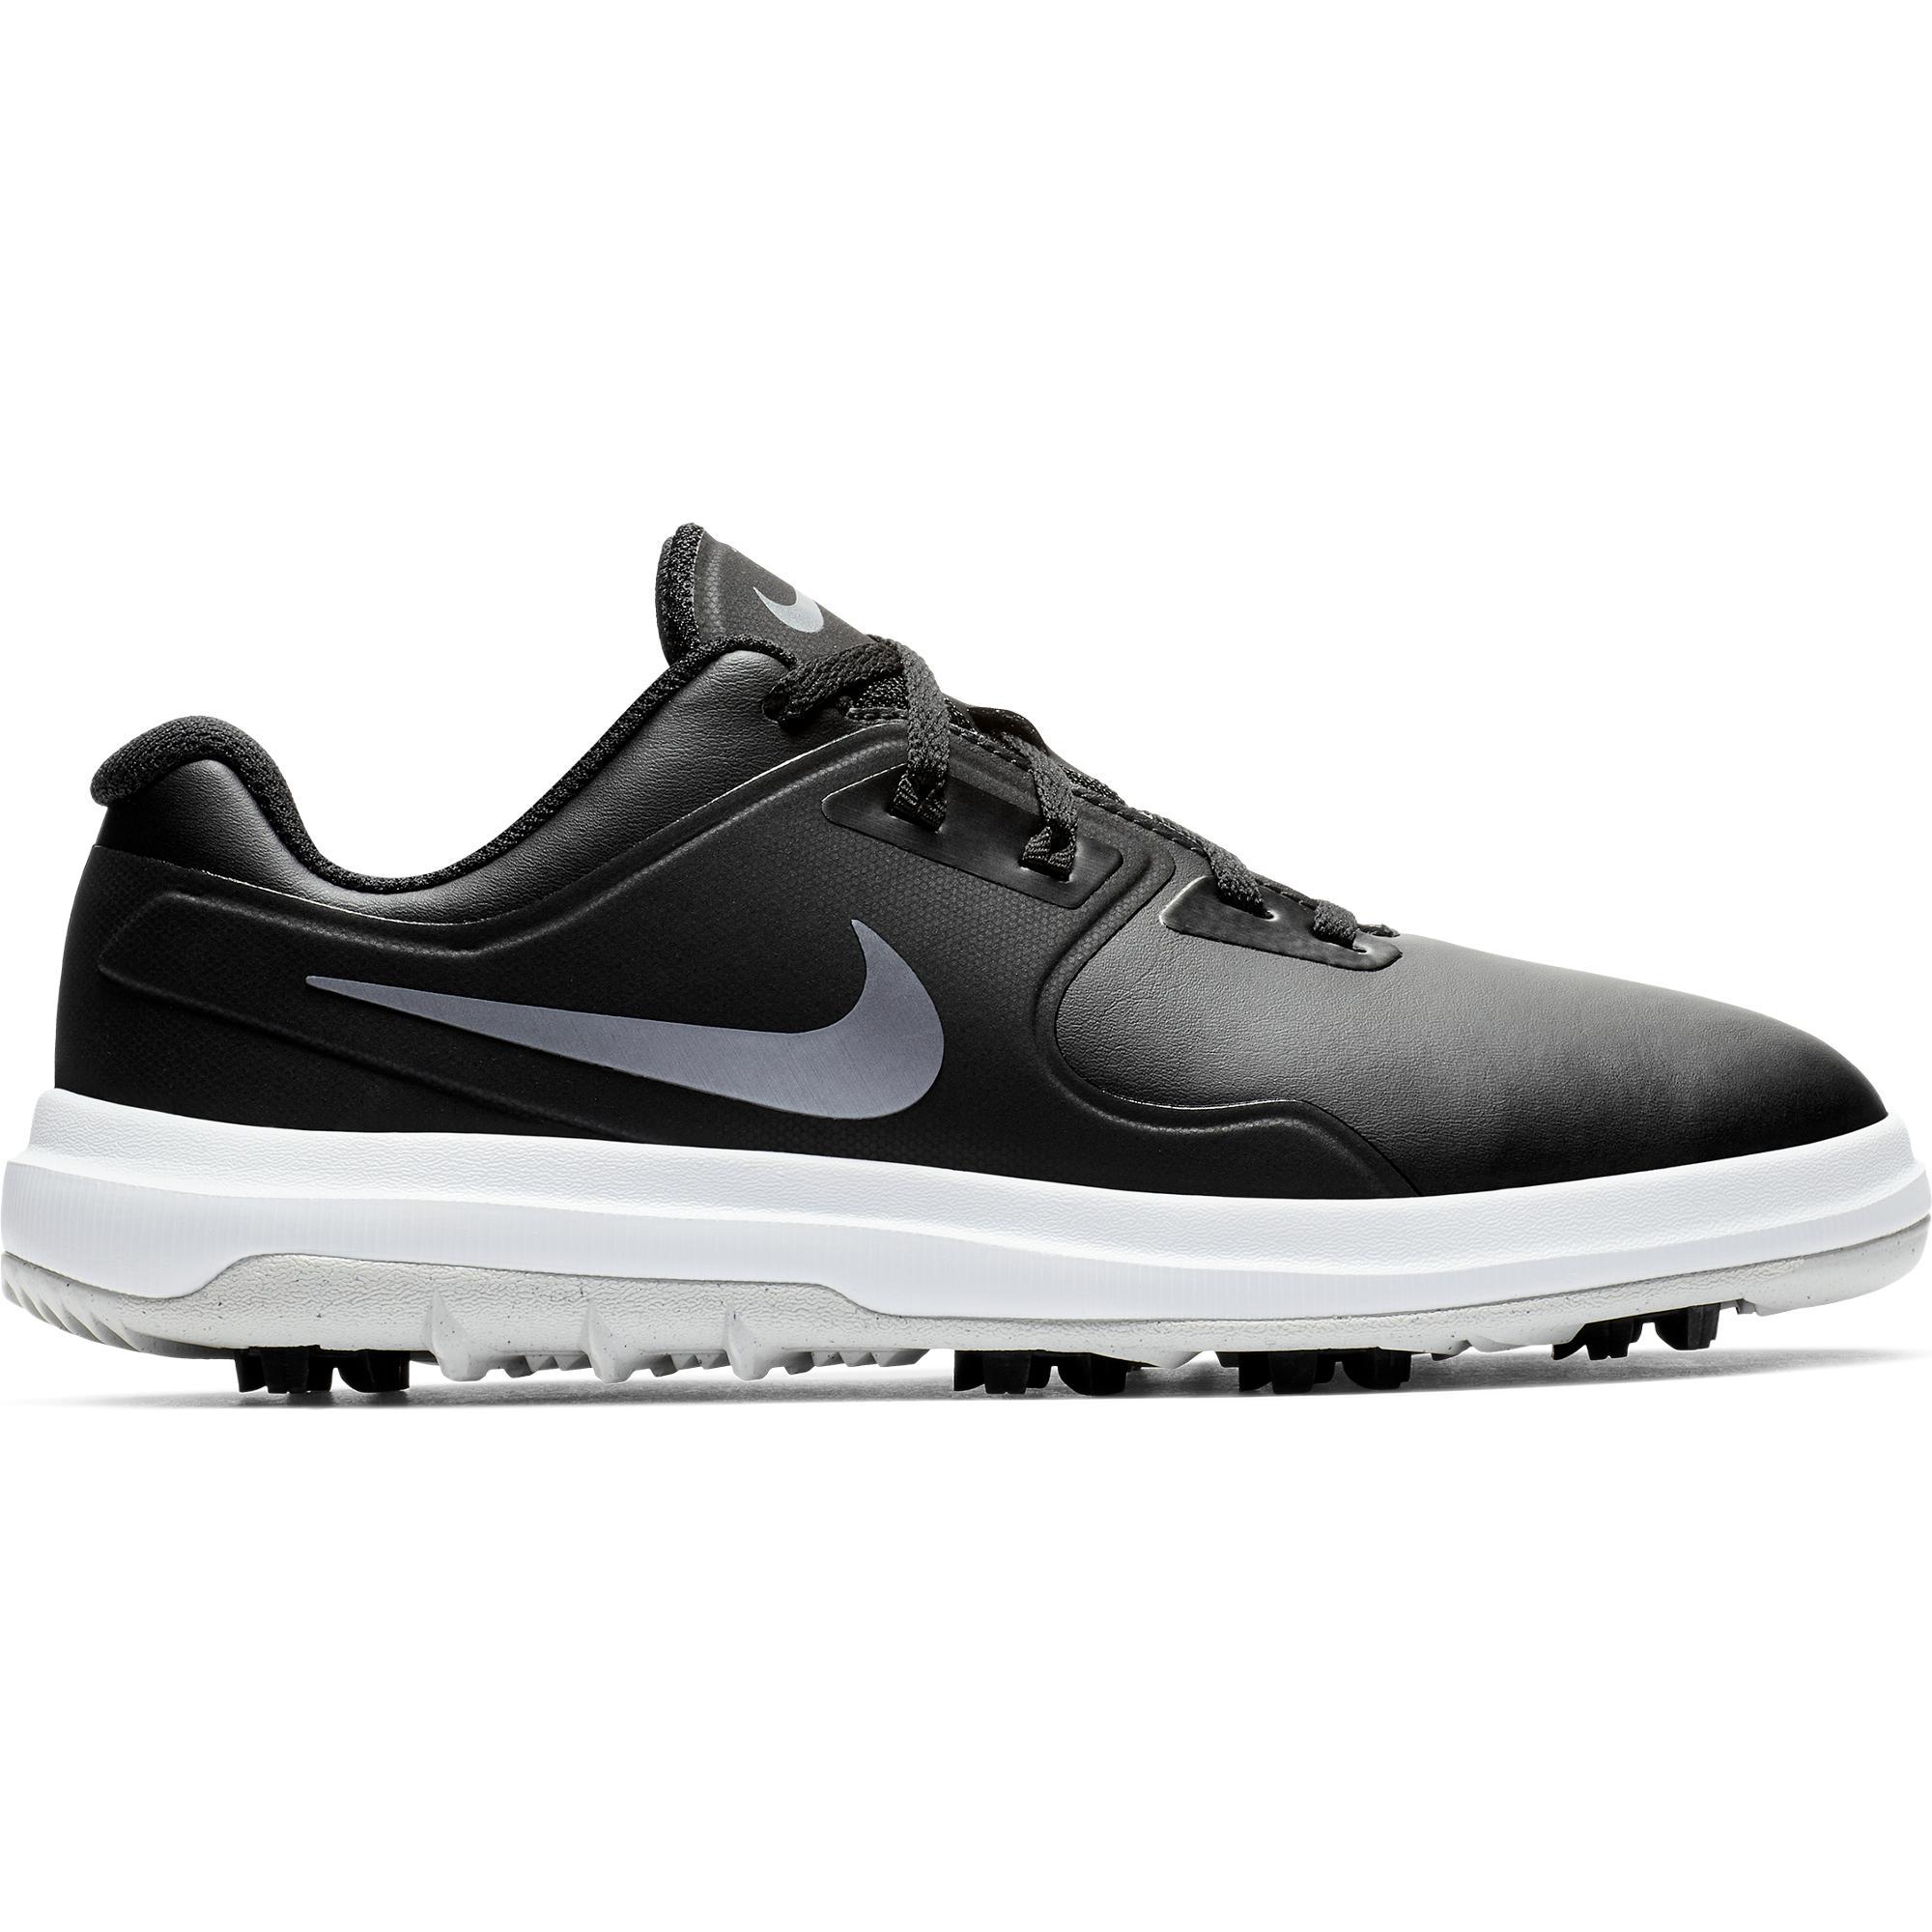 Chaussures Vapor Pro à crampons pour juniors - Noir/Argent